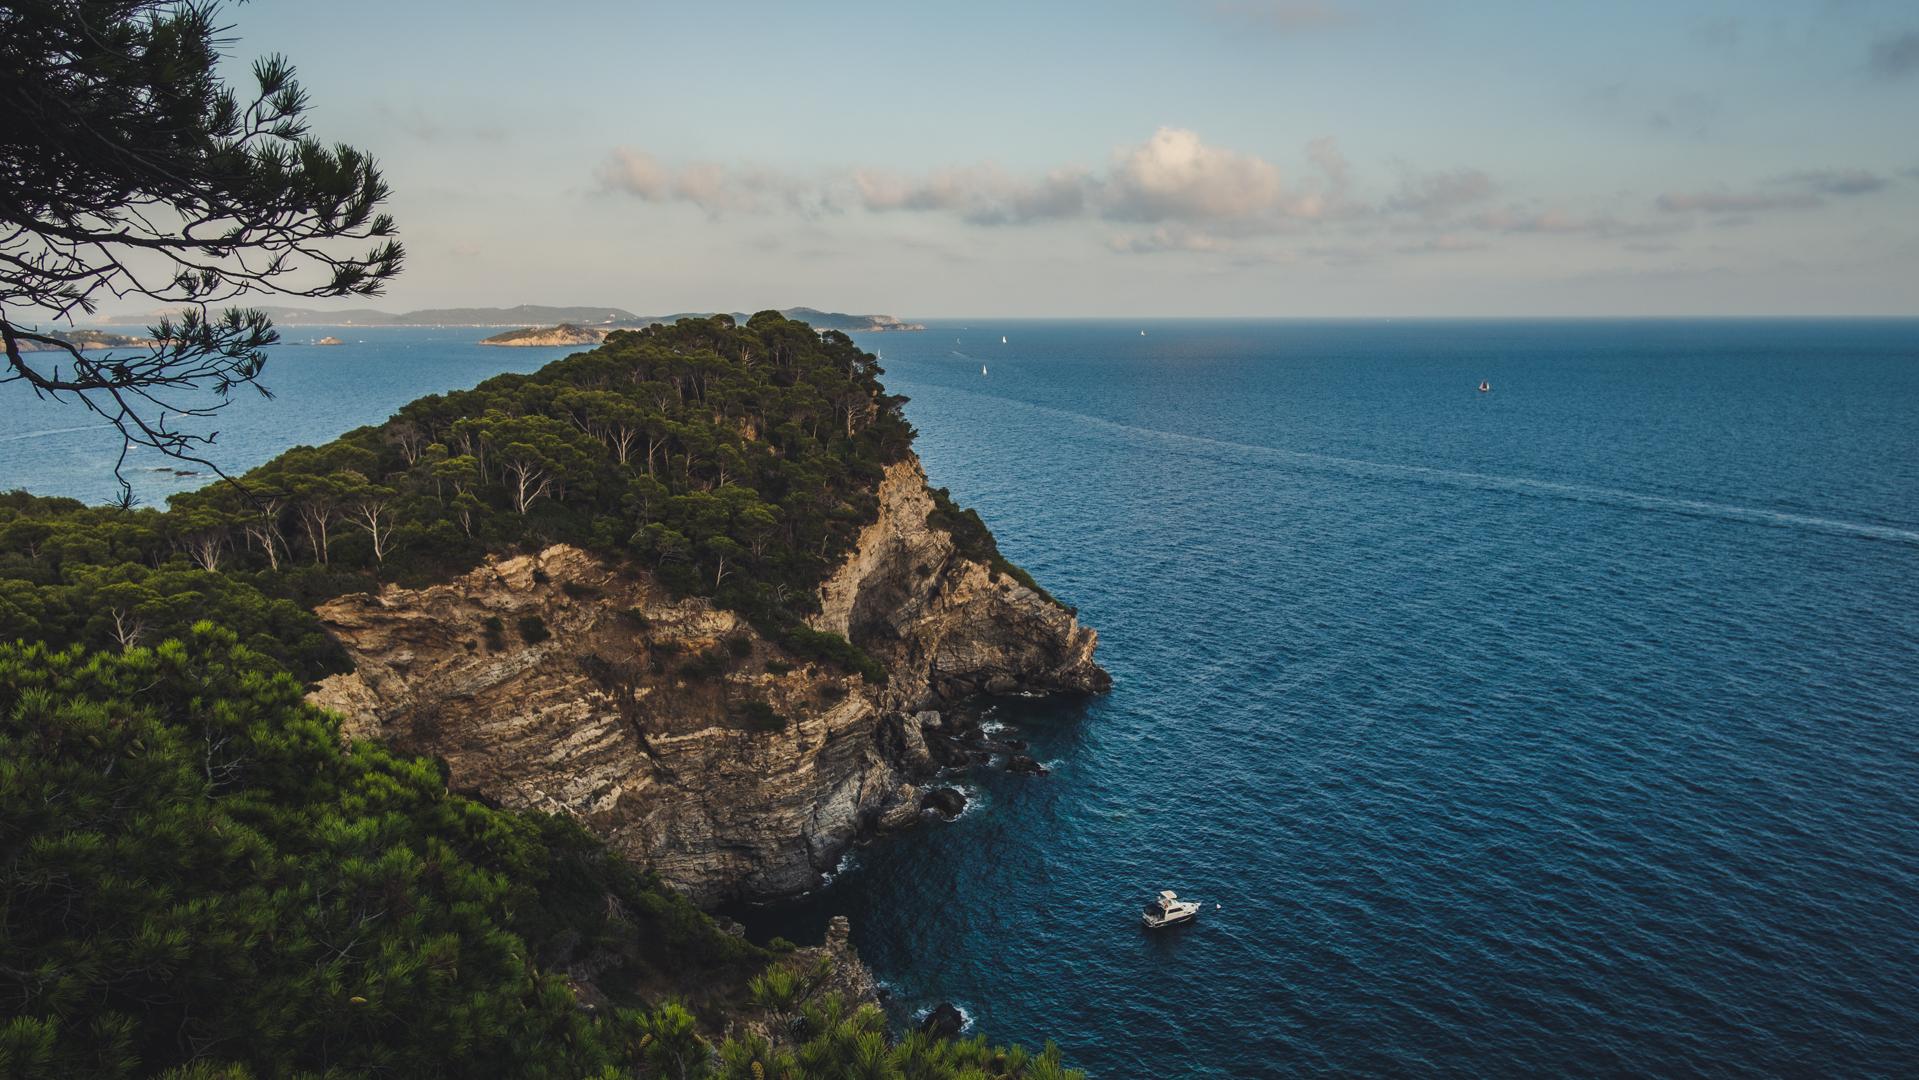 Balade dans le Var : 5 idées pour explorer le littoral